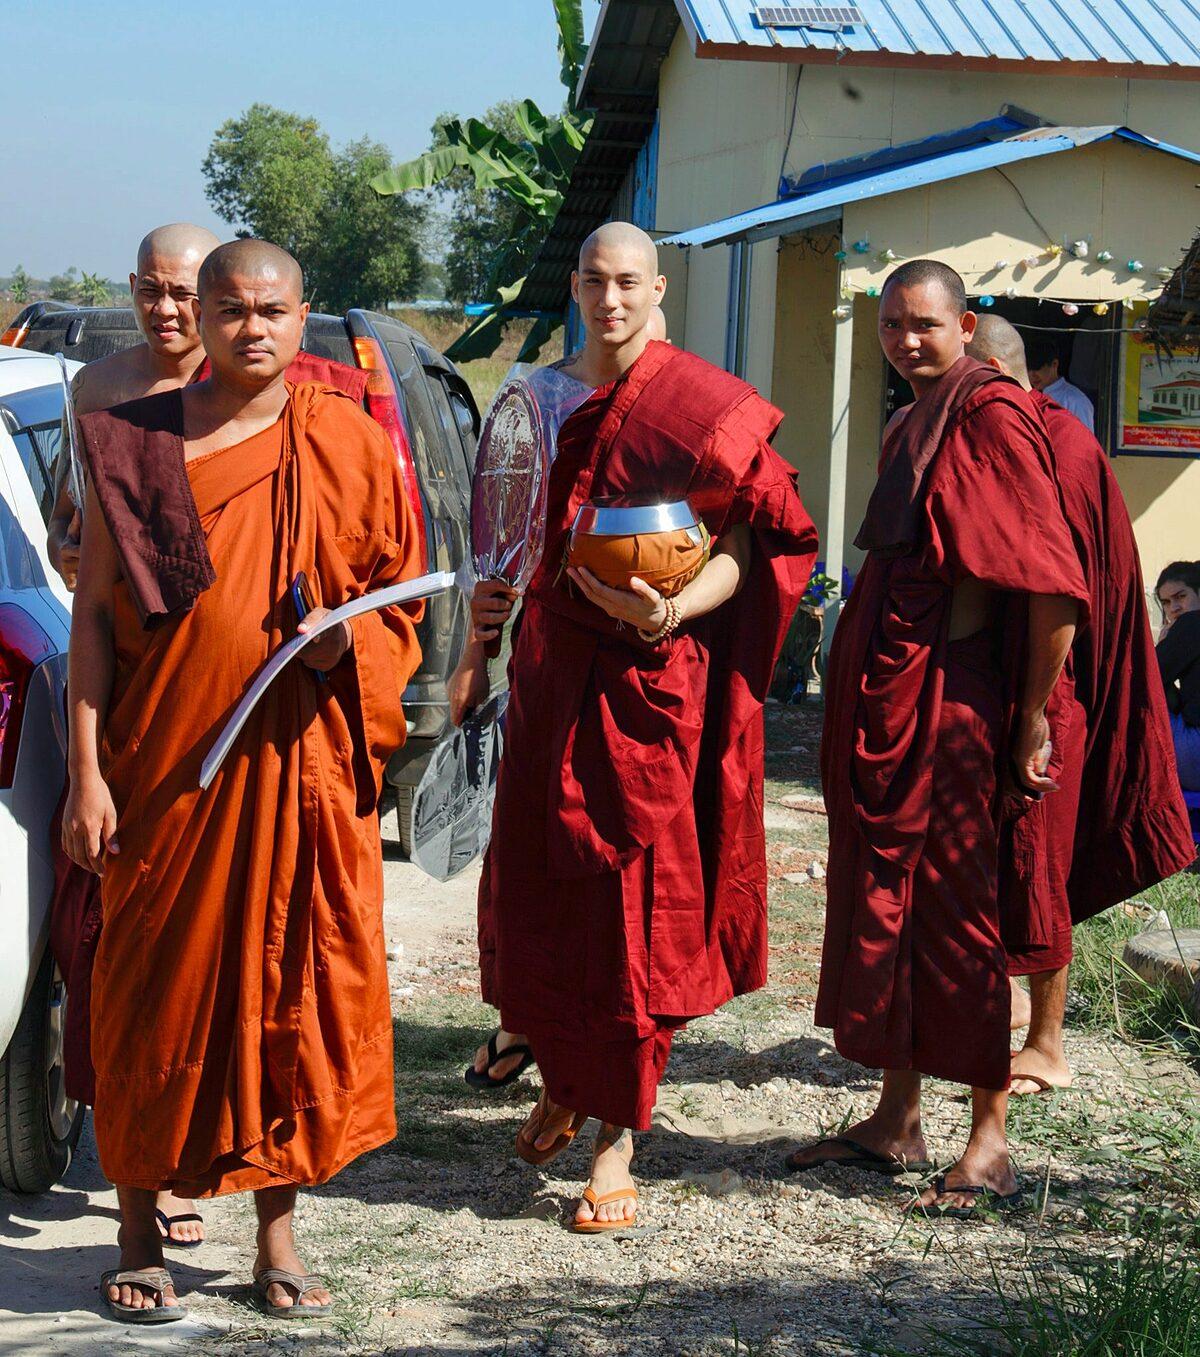 Paing Takhon tham gia một khóa tu kéo dài 10 ngày ở một ngôi chùa tại Myanmar. Năm mới 2021 của tôi bắt đầu bằng khóa tu trong 10 ngày. Tôi cảm thấy thật bình yên và hiểu rõ bản thân mình hơn, Paing Takhon chia sẻ.